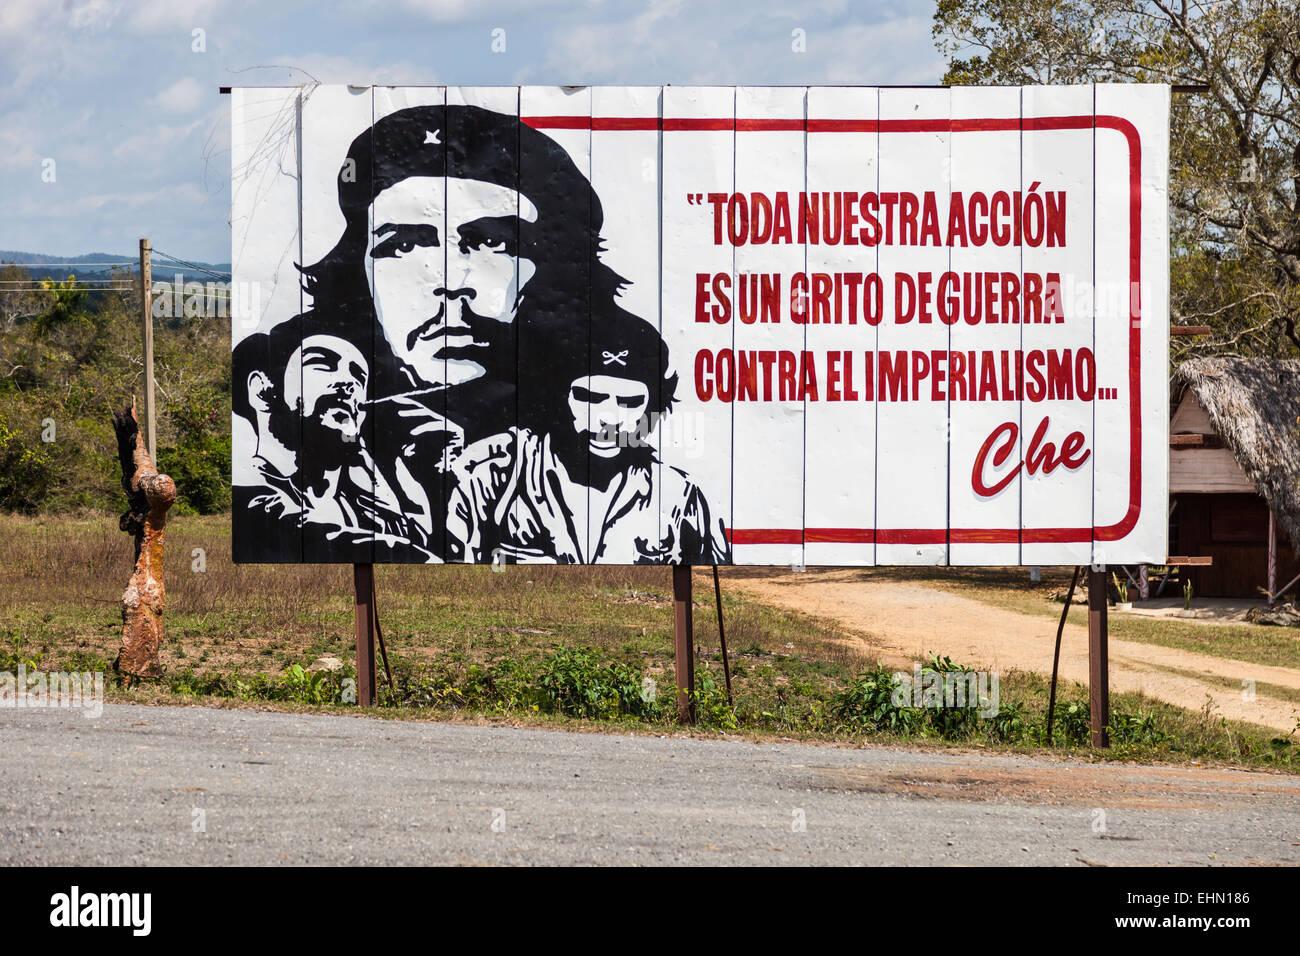 Anti-imperialist propaganda, with the portrait of Ernesto Che Guevara, Cuba. - Stock Image